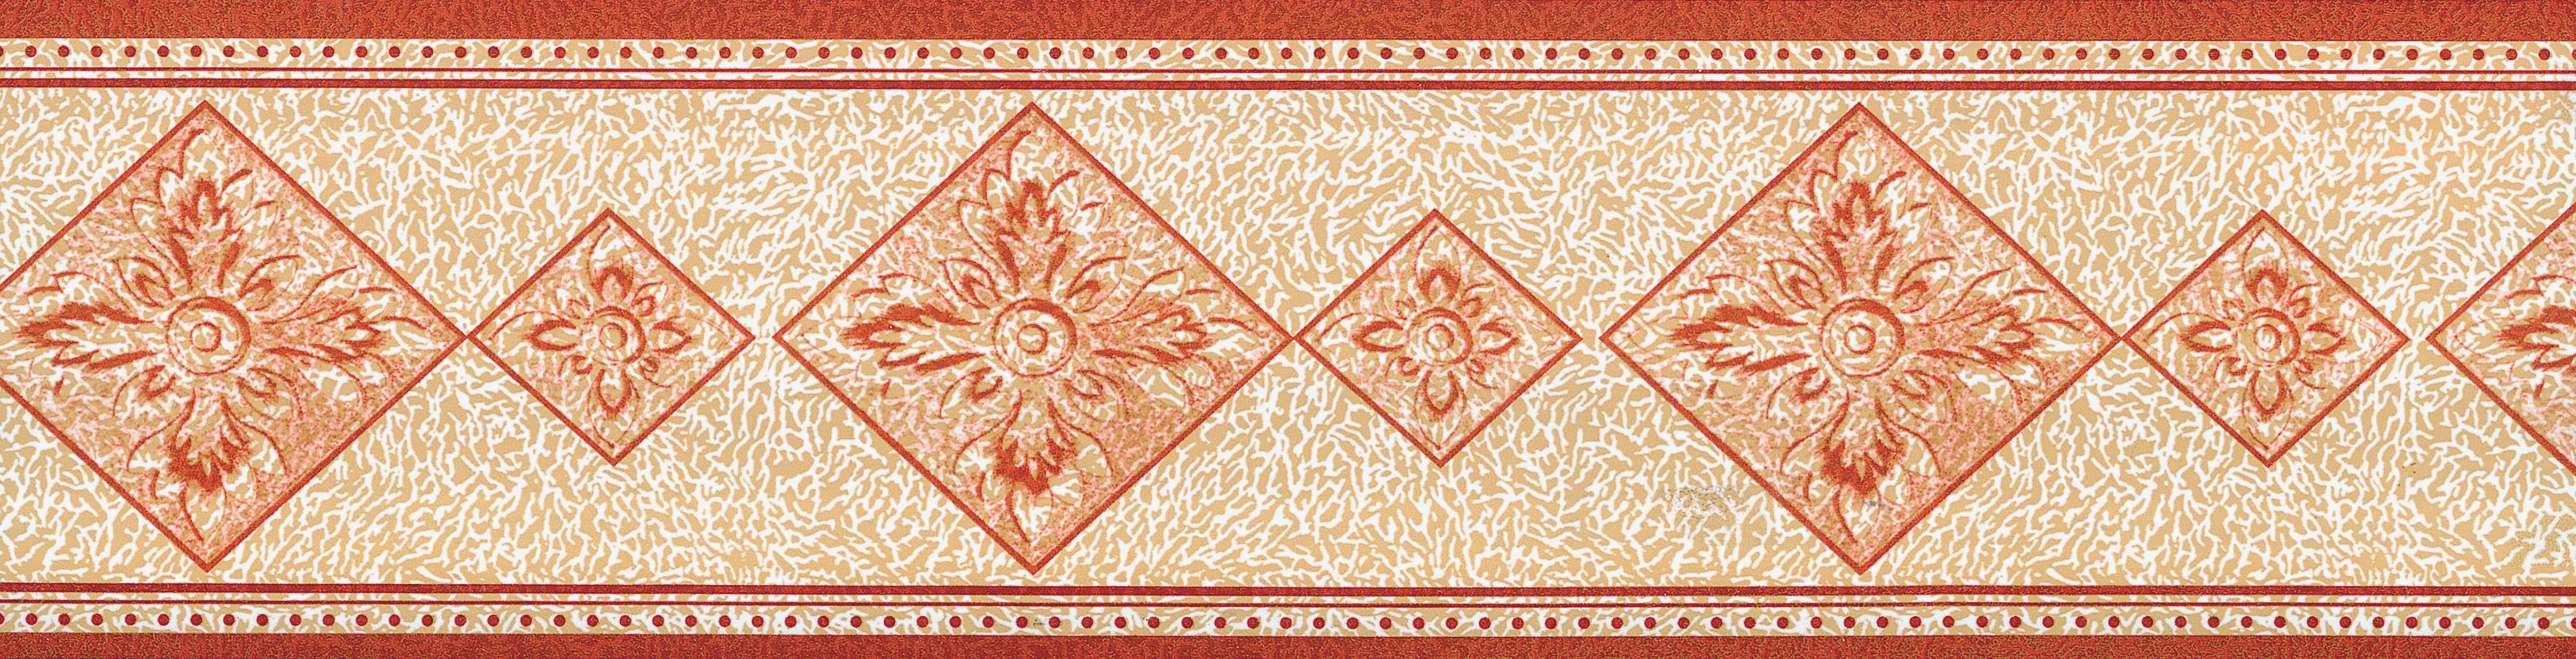 6 RT Di BORDO ADESIVO ART.273-2079 H.10,6 CM.X10MT.